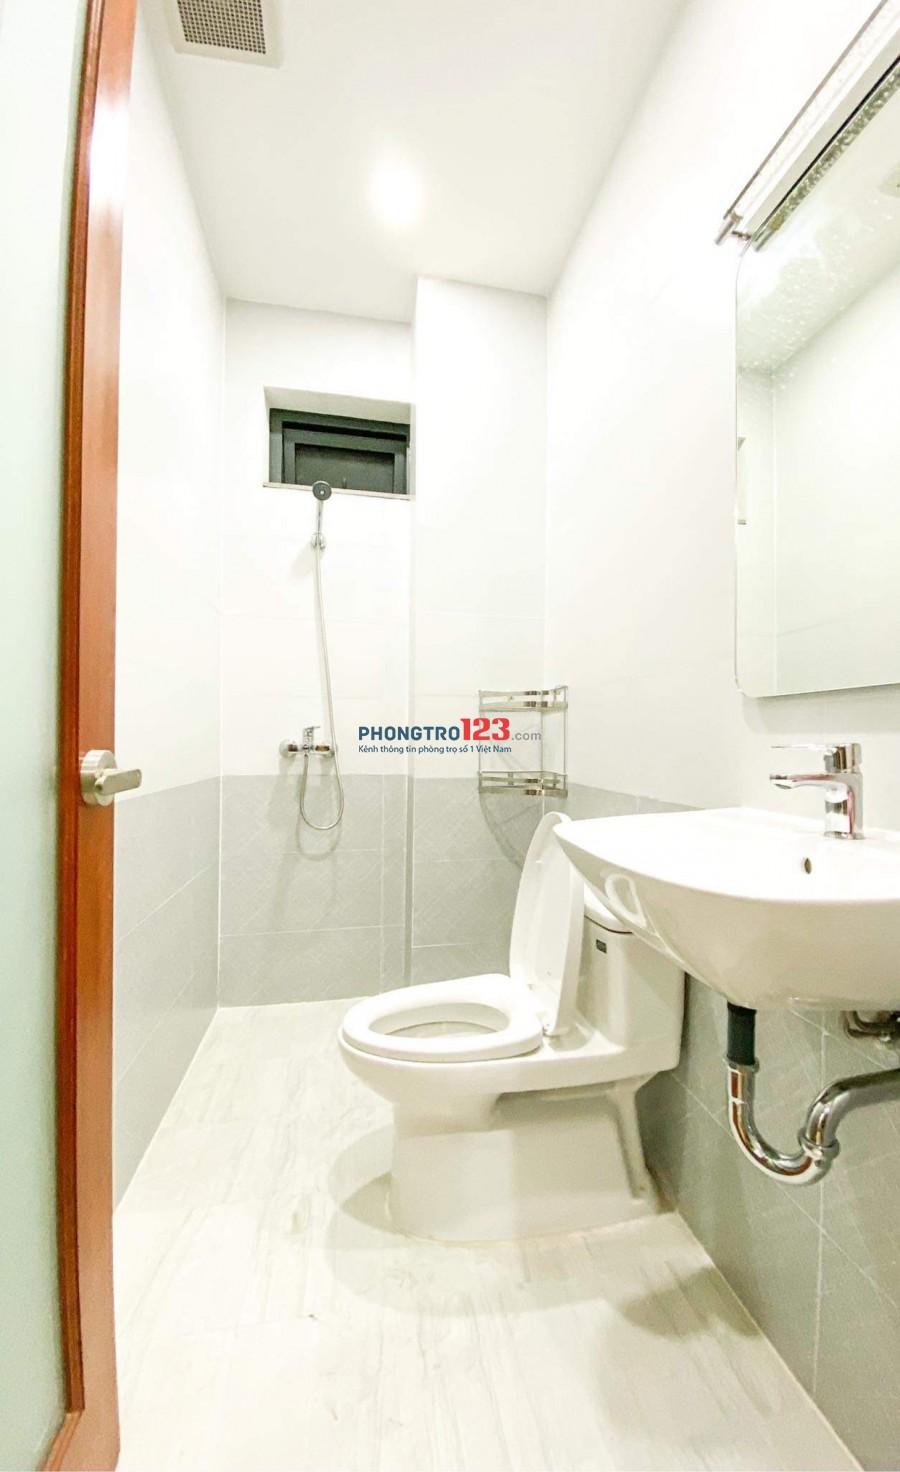 Cho thuê căn hộ DV full nội thất cao cấp